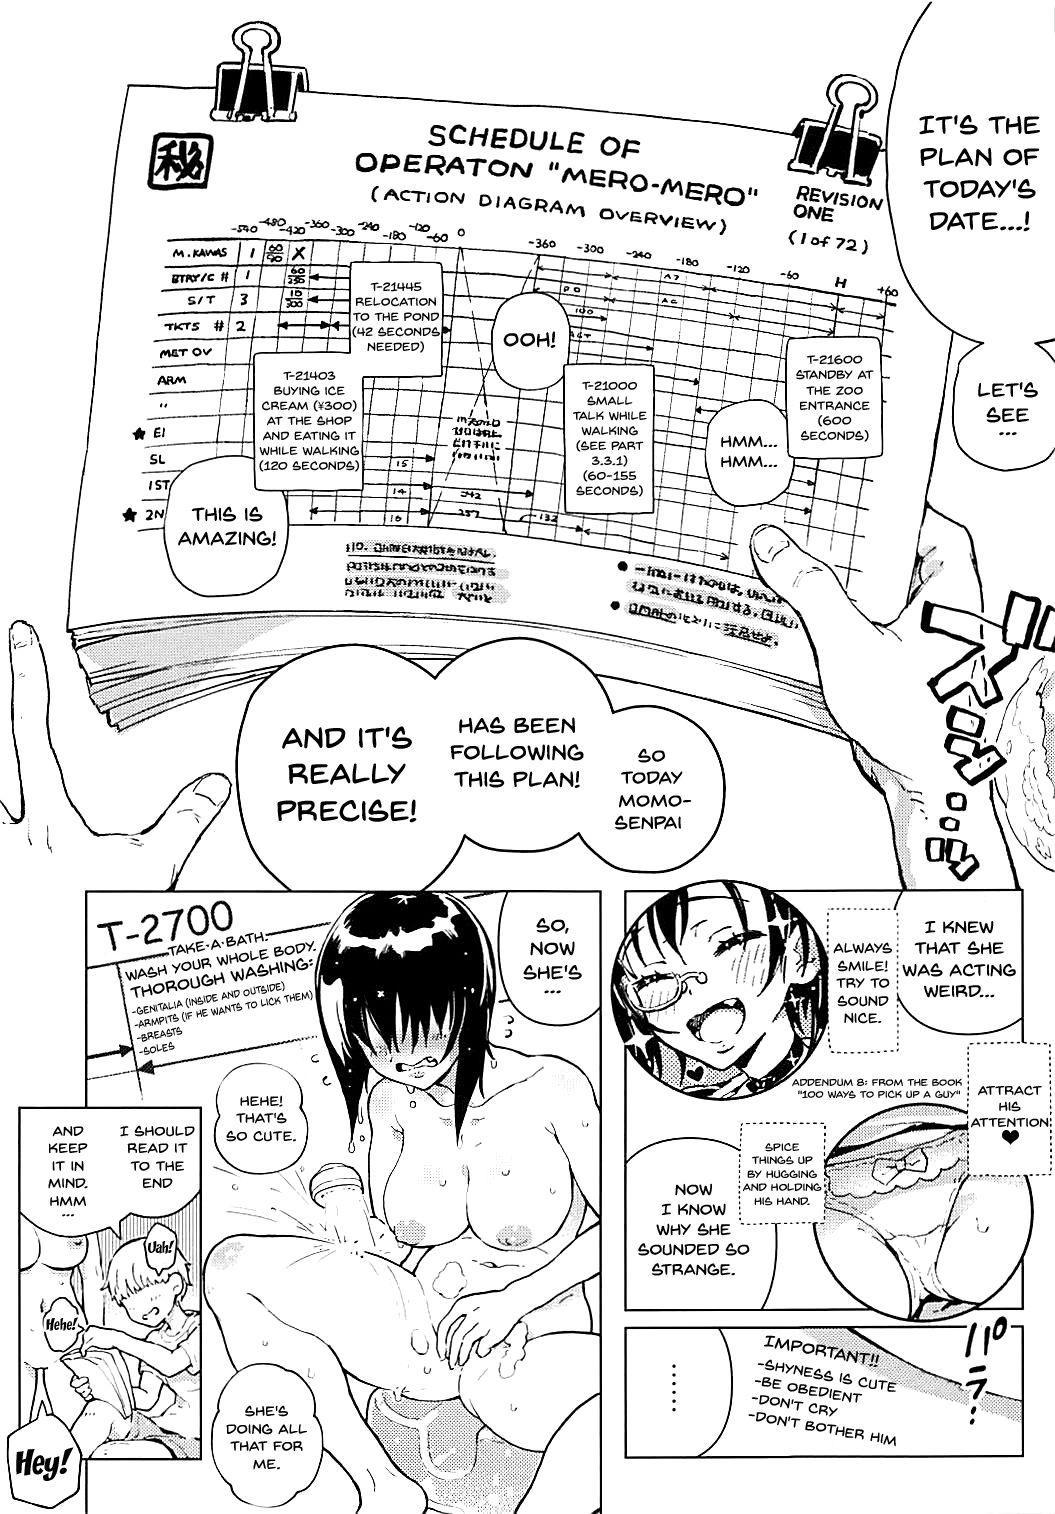 (Panzer Vor! 15) [Norinko] momon 2018-05 Hisshou Momo-chan Senpai no Perfect Date Plan (Girls und Panzer) [English] {Doujins.com} 4